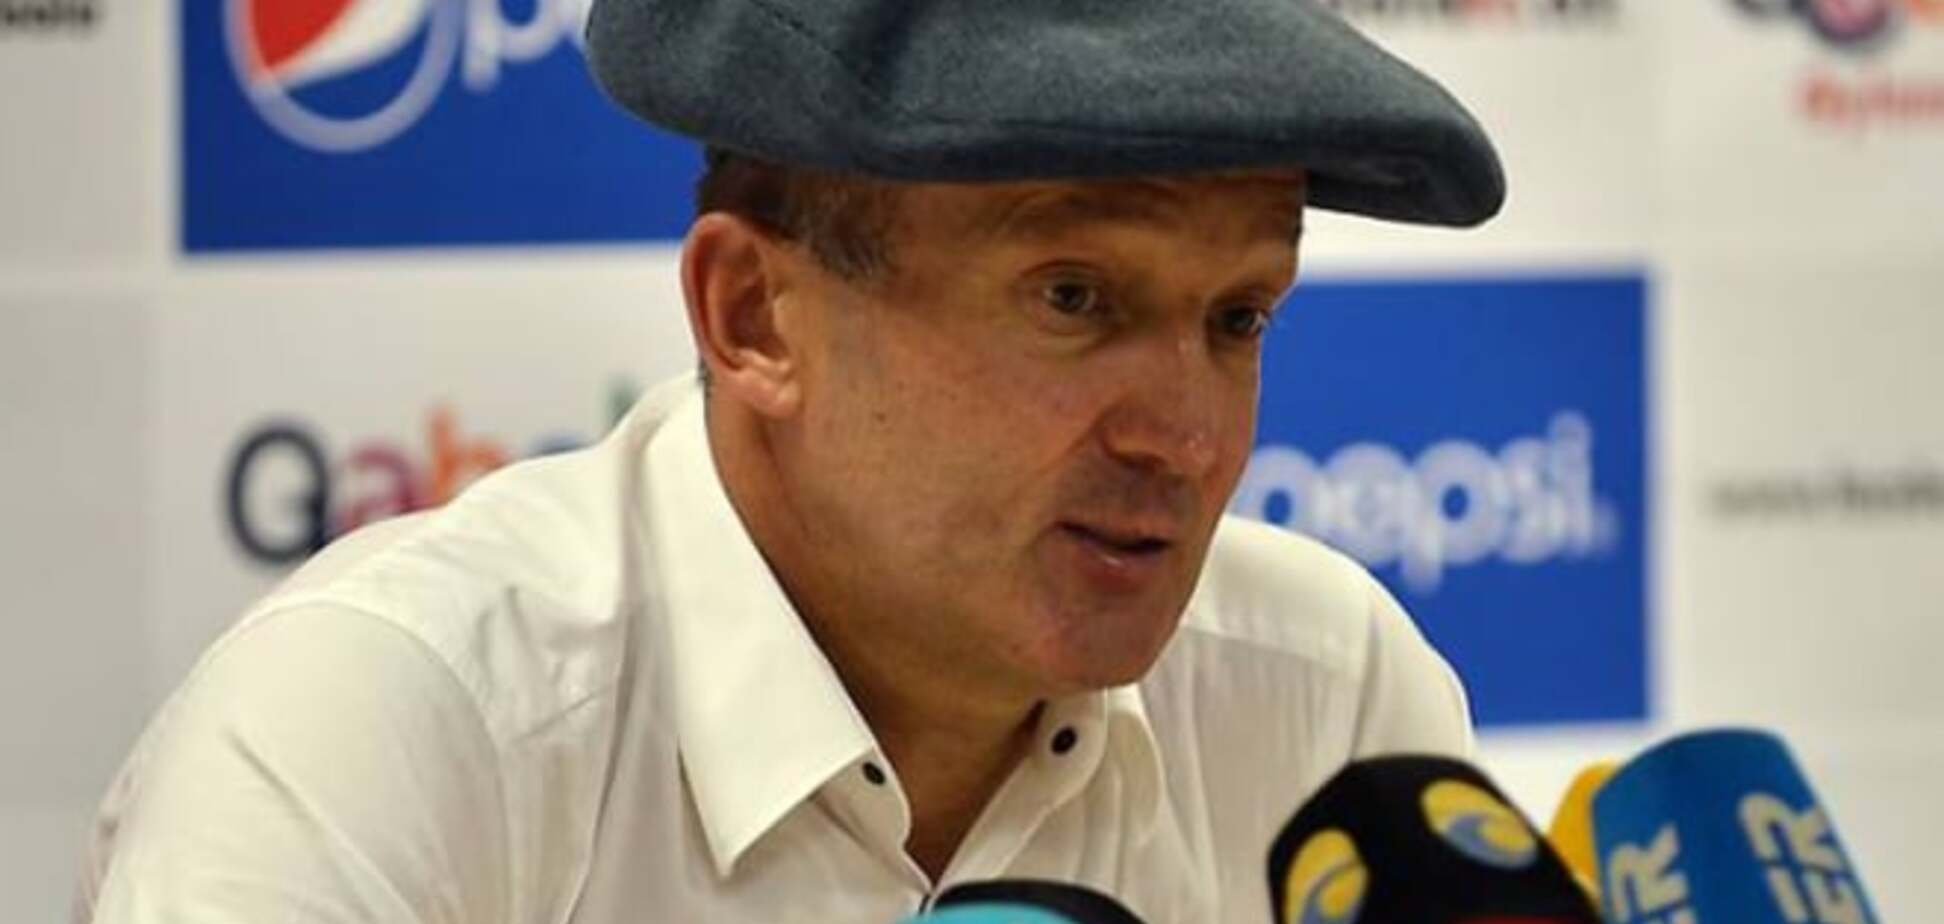 Украинский тренер пришел на пресс-конференцию в кепке-аэродроме